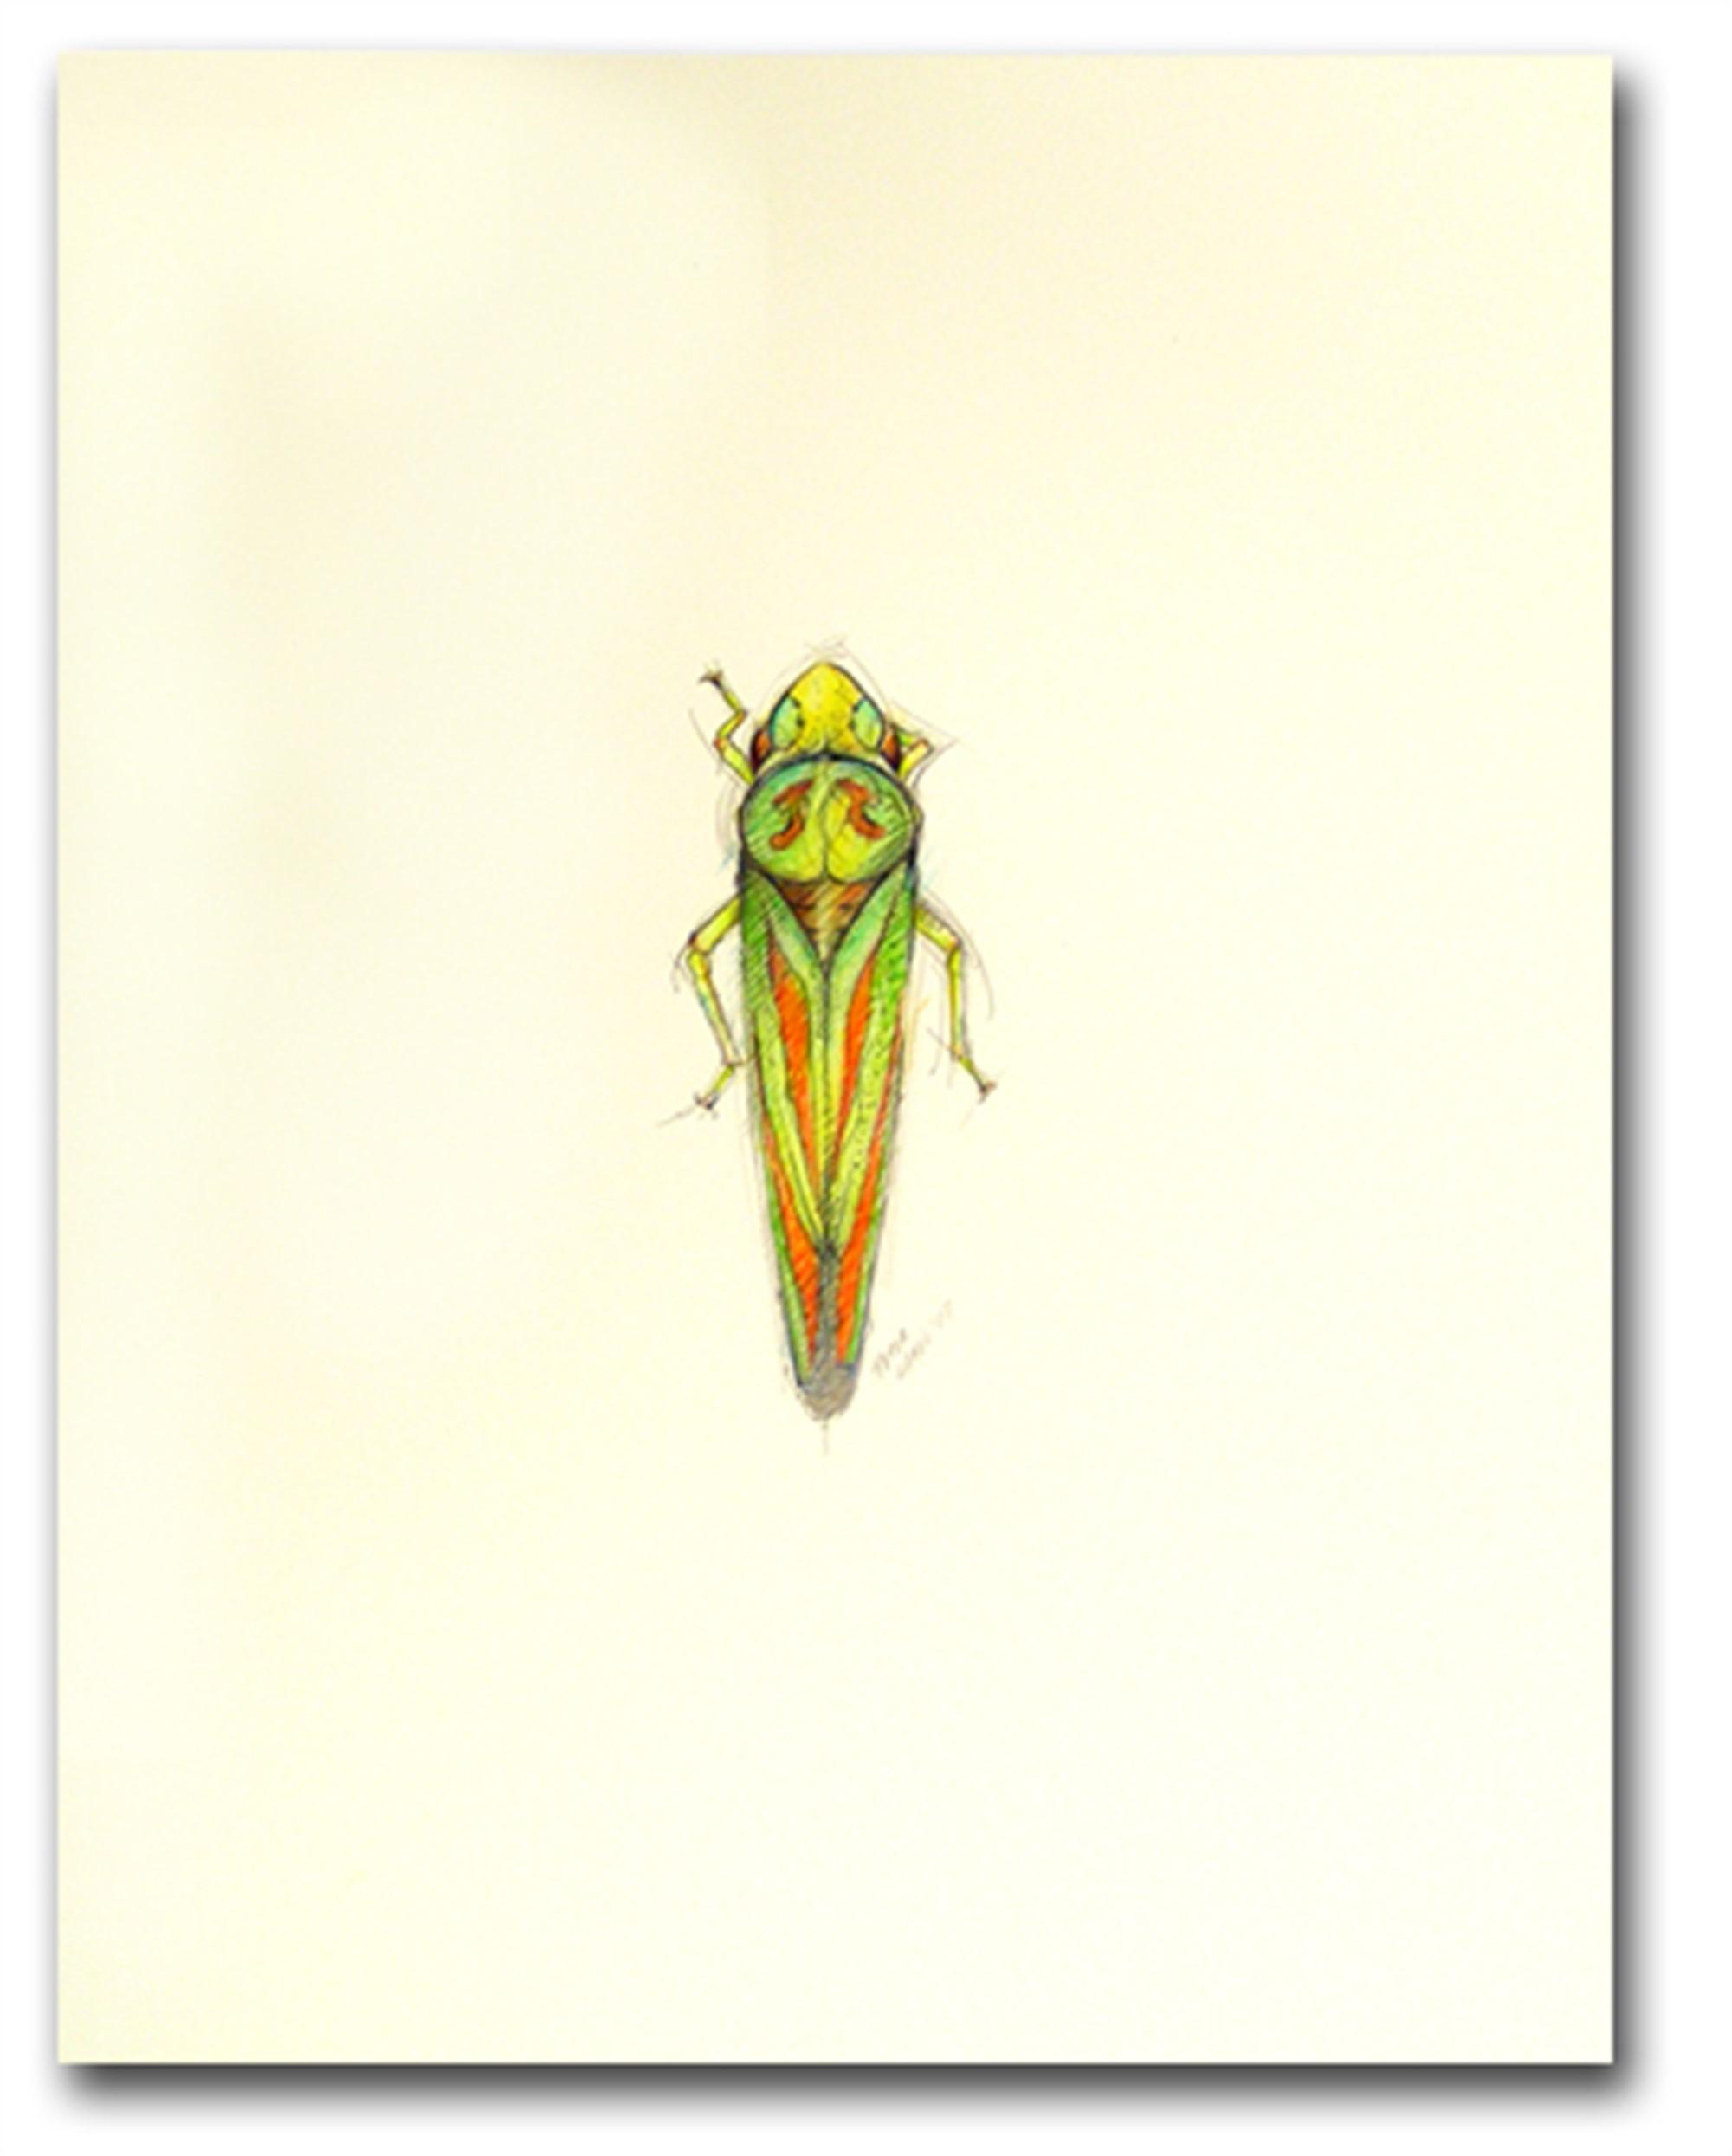 Scarlet & Green Leaf Hopper by Peter Hamel